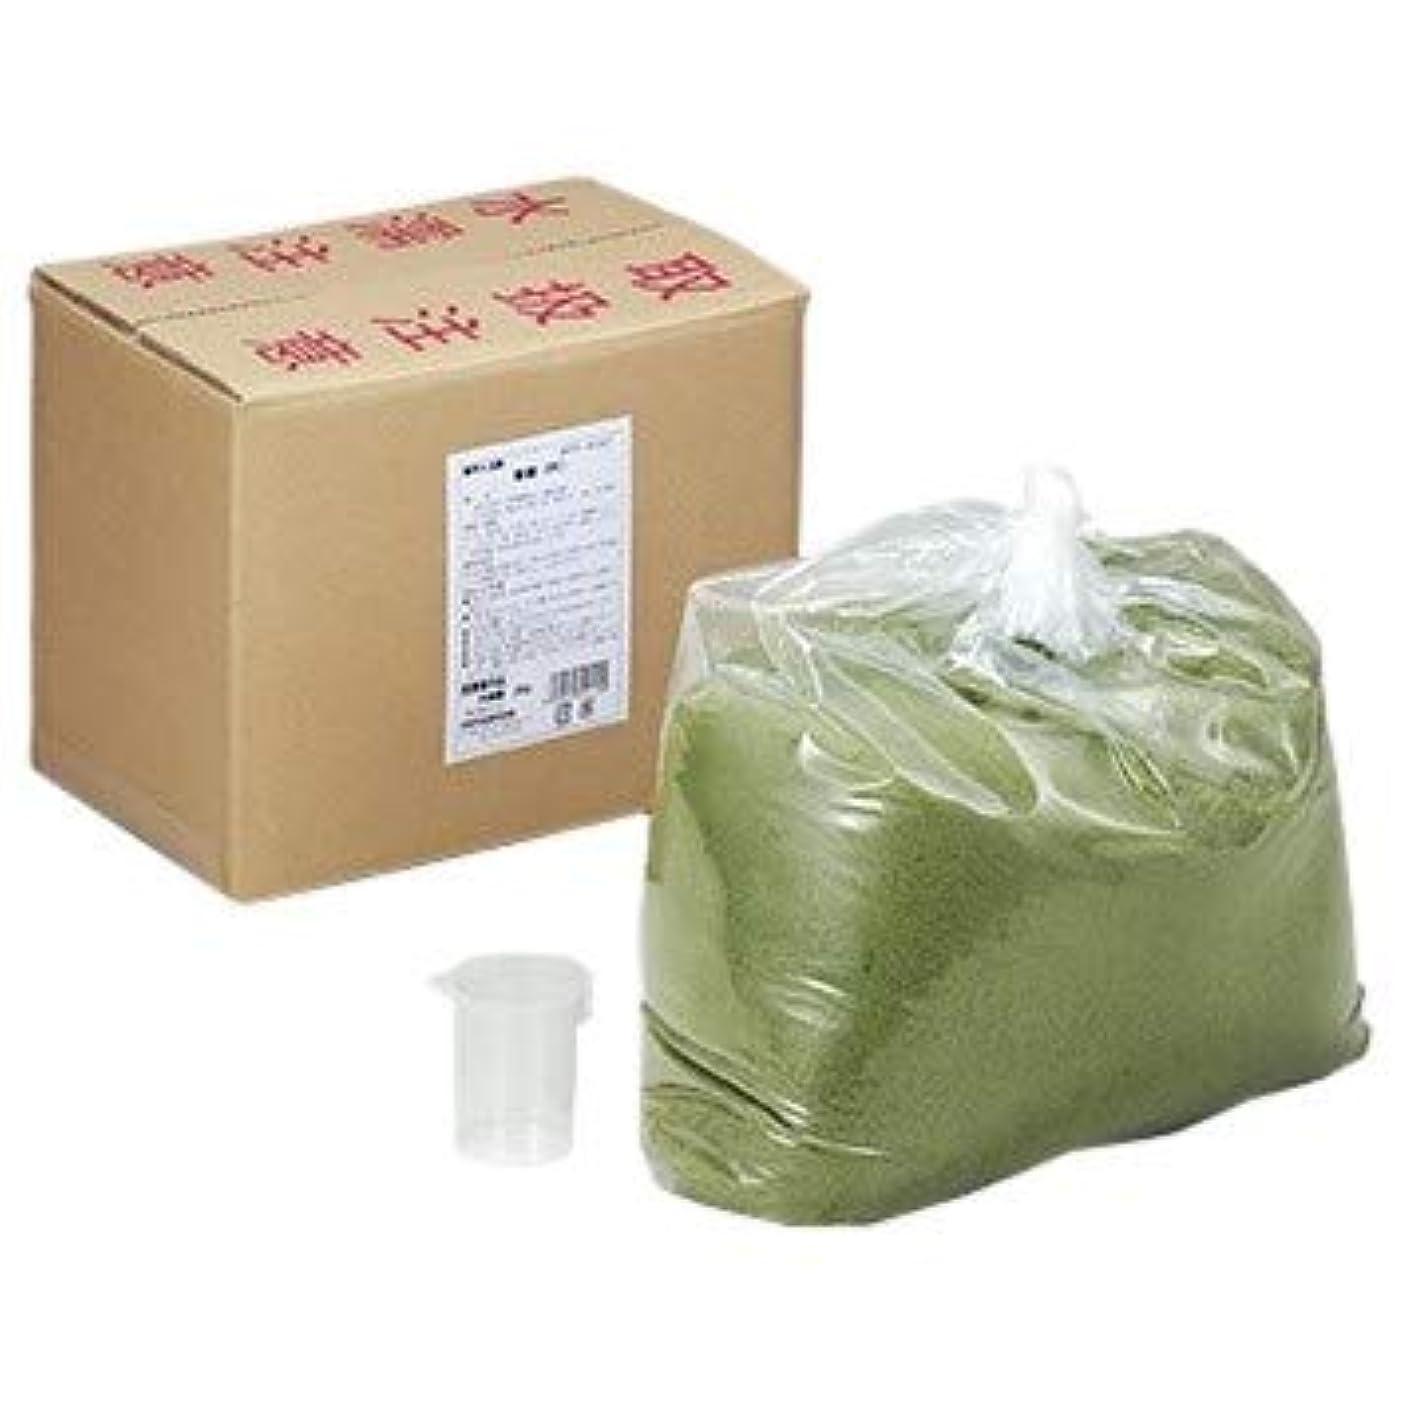 申請者酸度説教新緑 業務用 20kg 入浴剤 医薬部外品